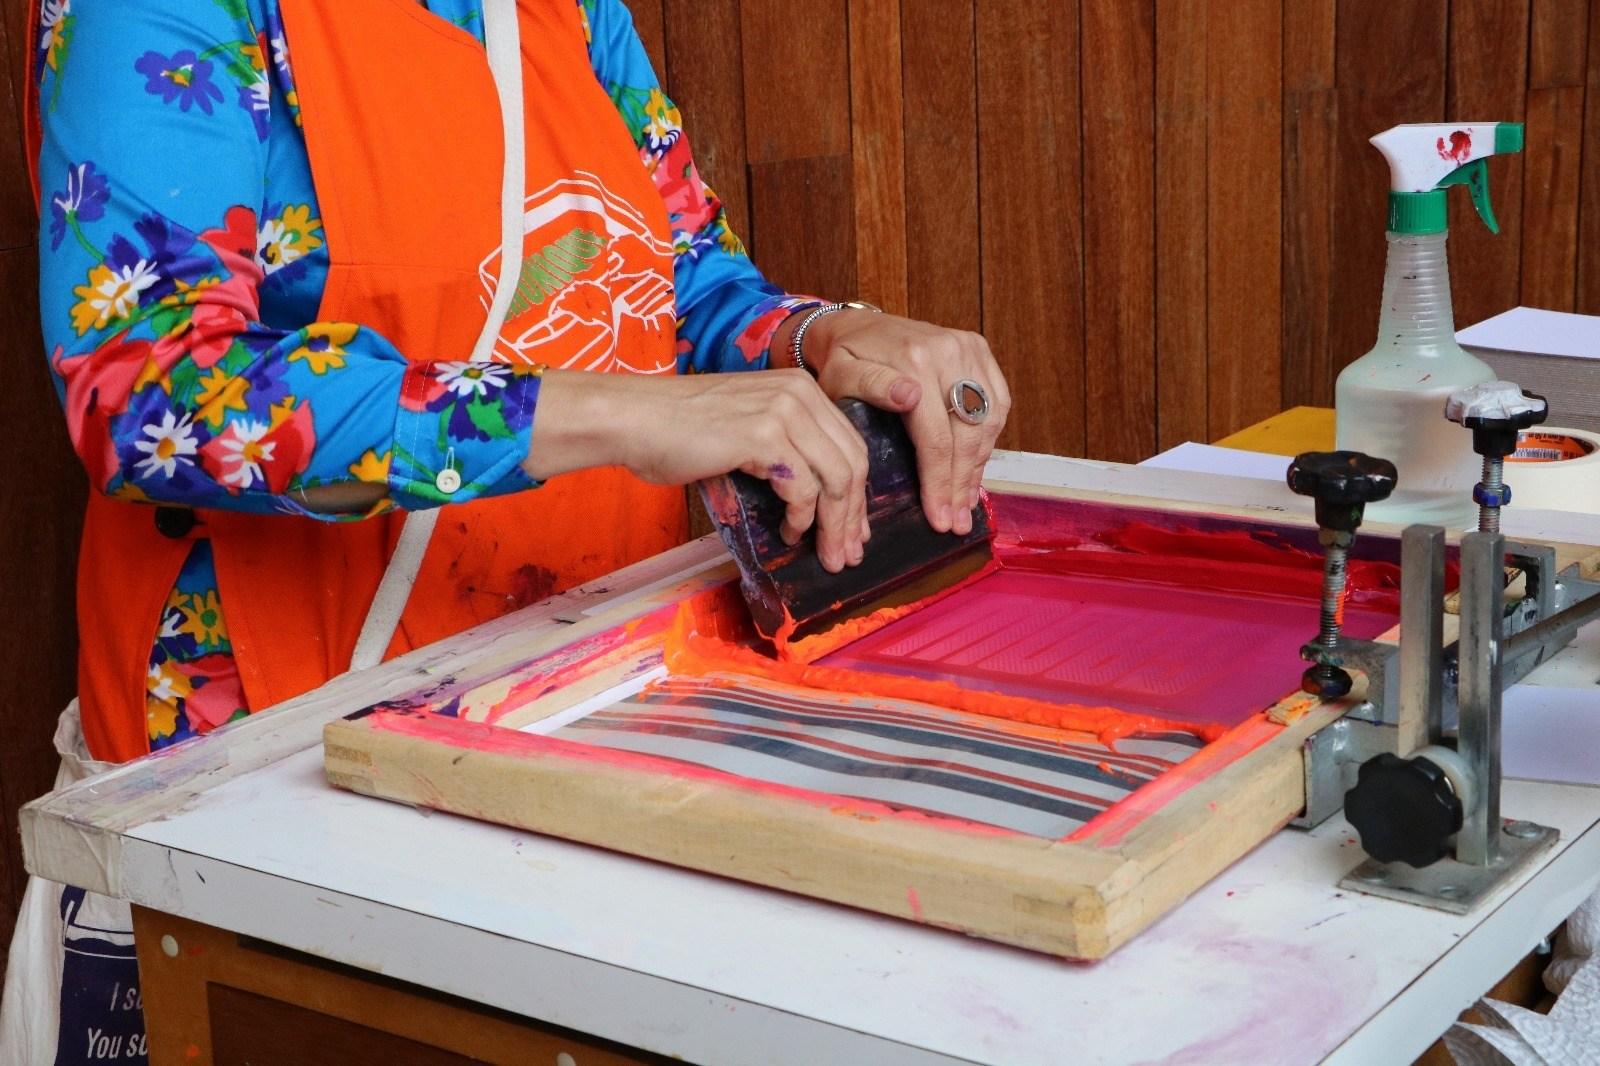 Processo de impressão através da serigrafia